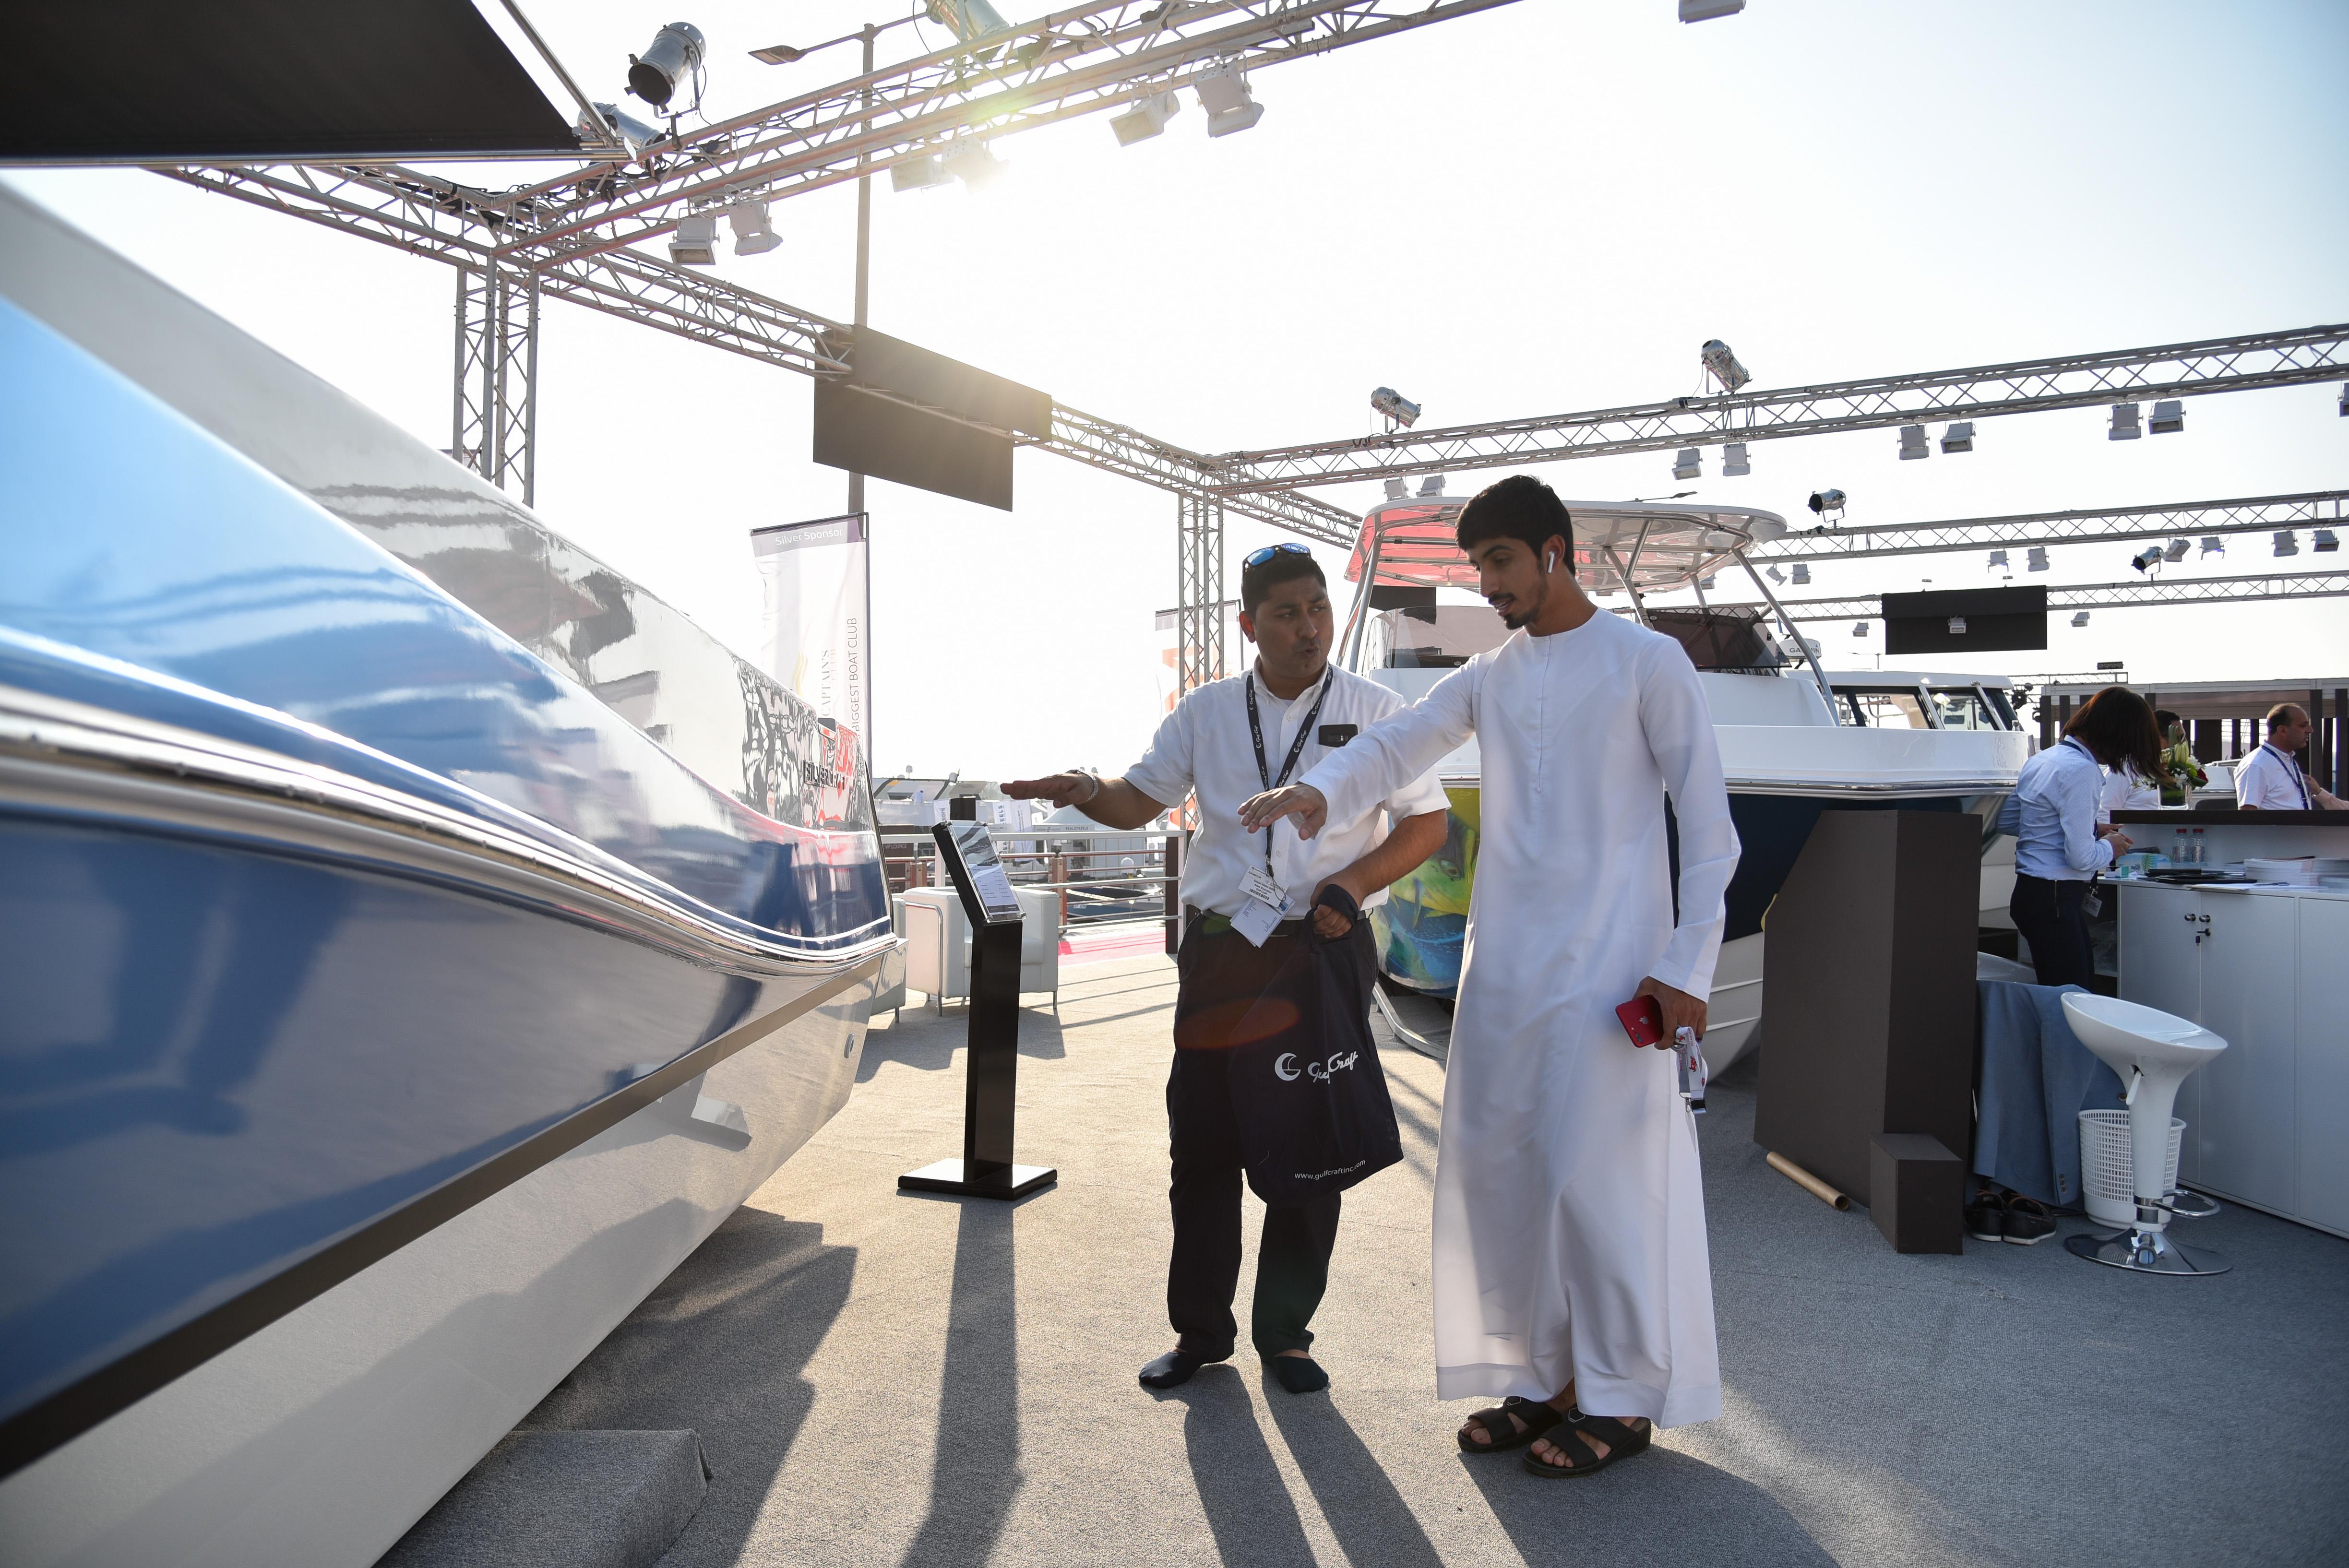 Gulf Craft, Abu Dhabi Boat Show 2018 (14).jpg